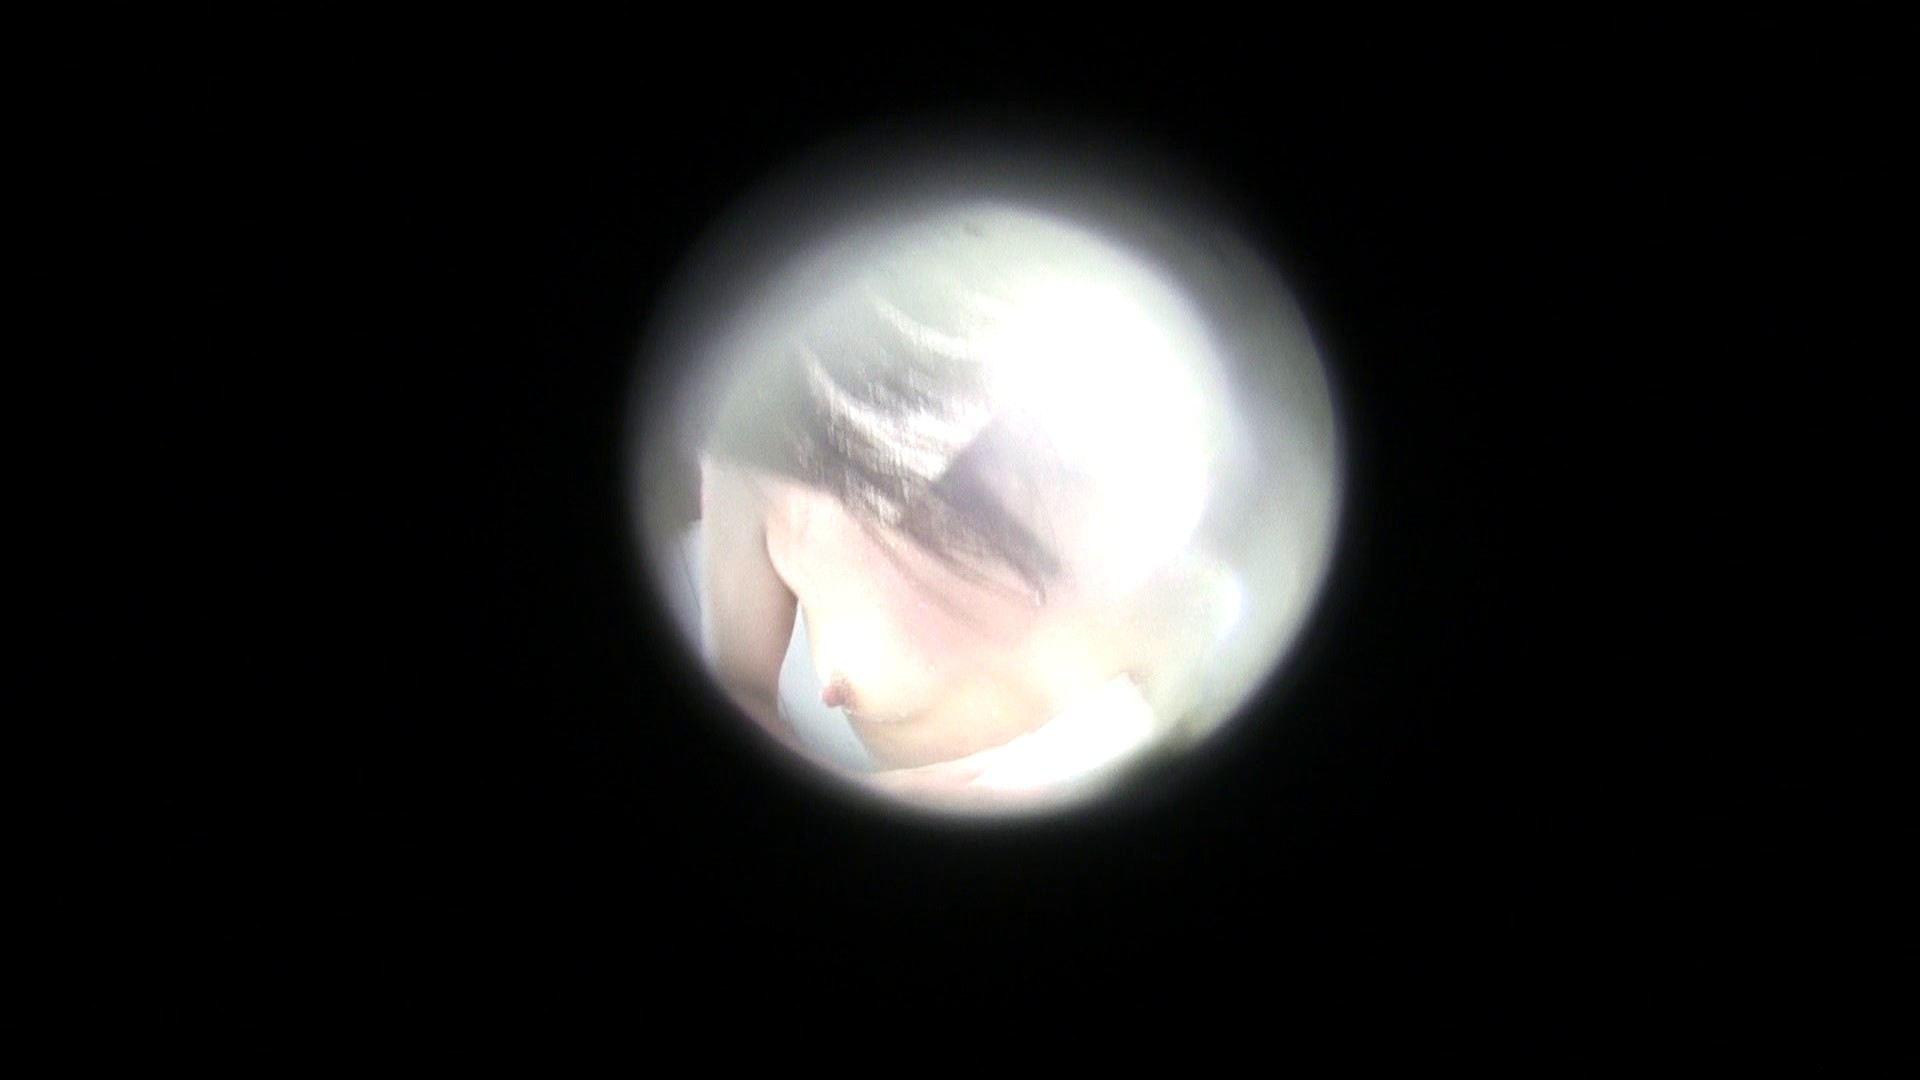 エロ動画:NO.11 年増の一本道!!中身ハミ出てます:怪盗ジョーカー